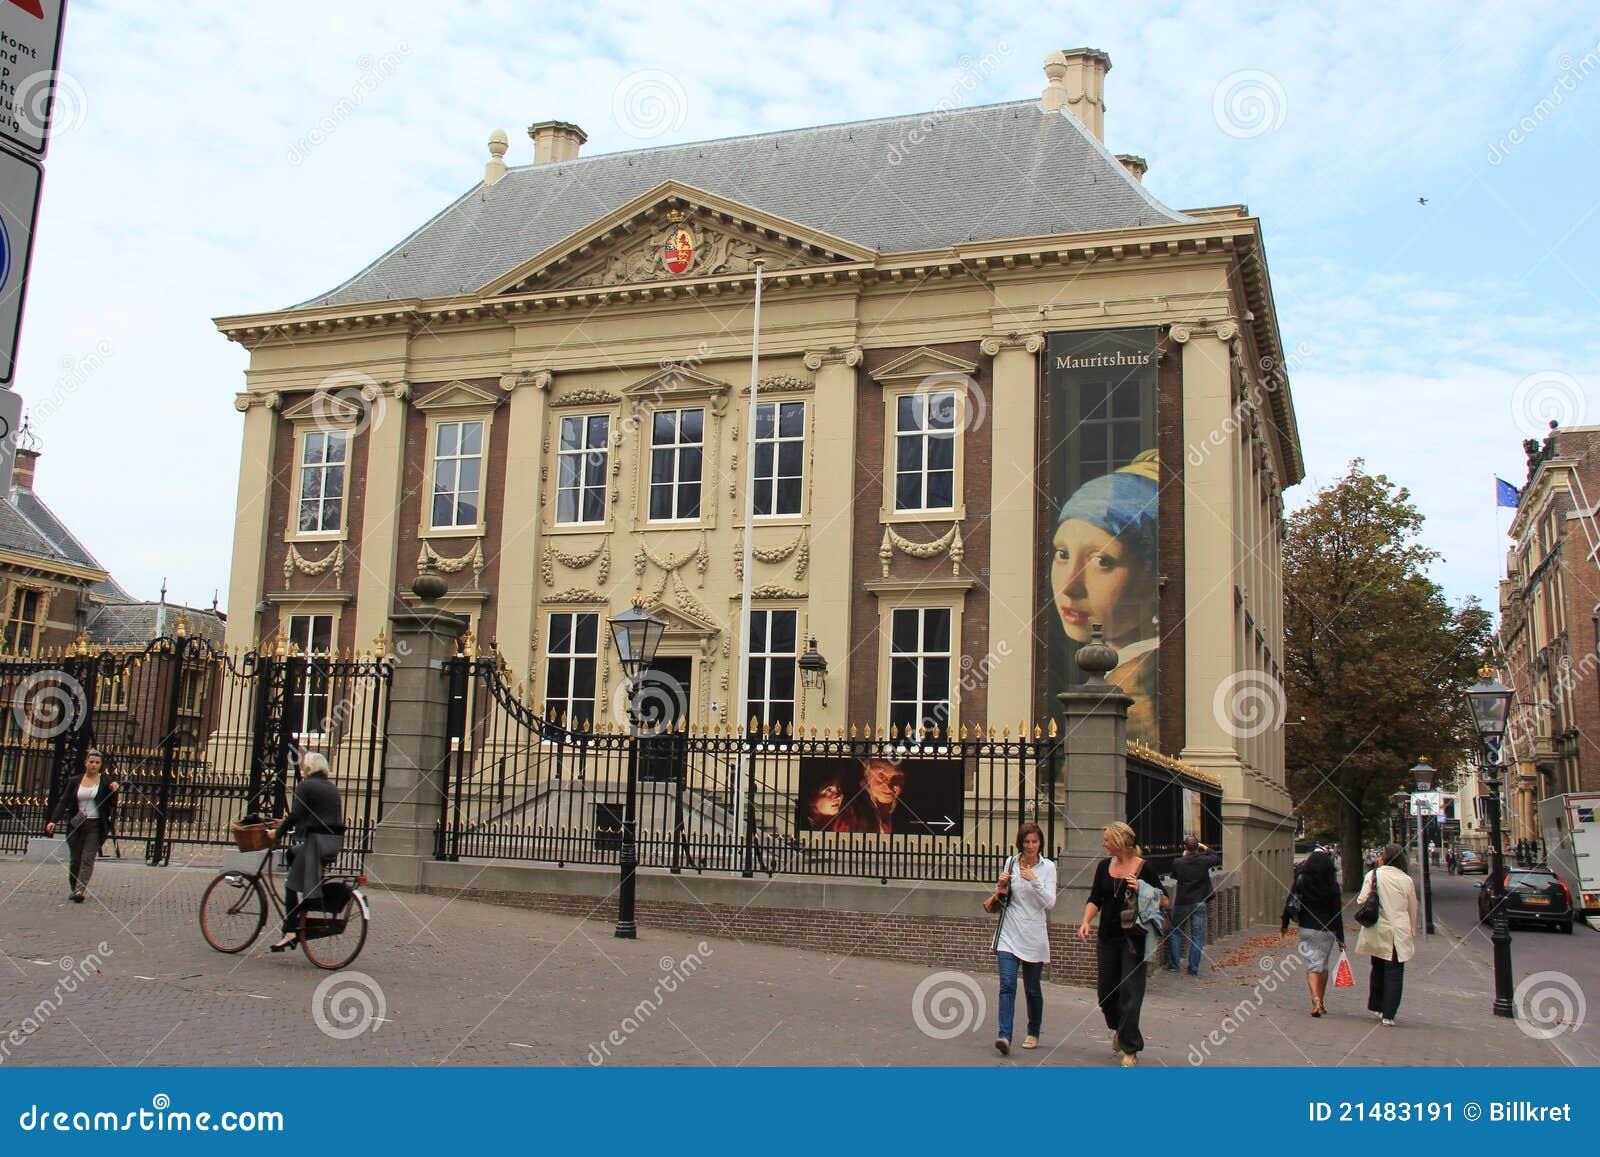 画廊皇家mauritshuis的照片